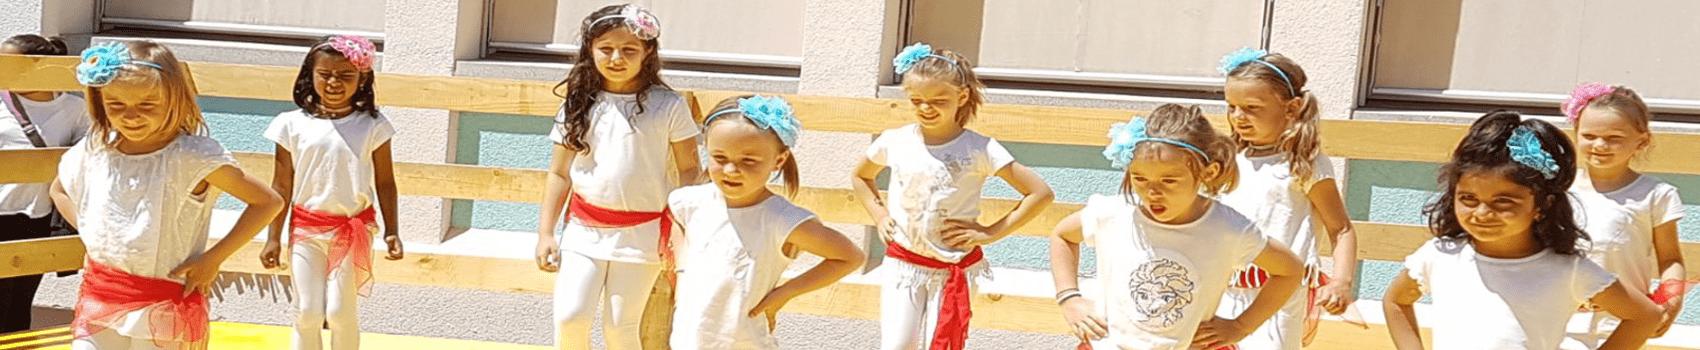 Tanzplauschgruppe Kinder